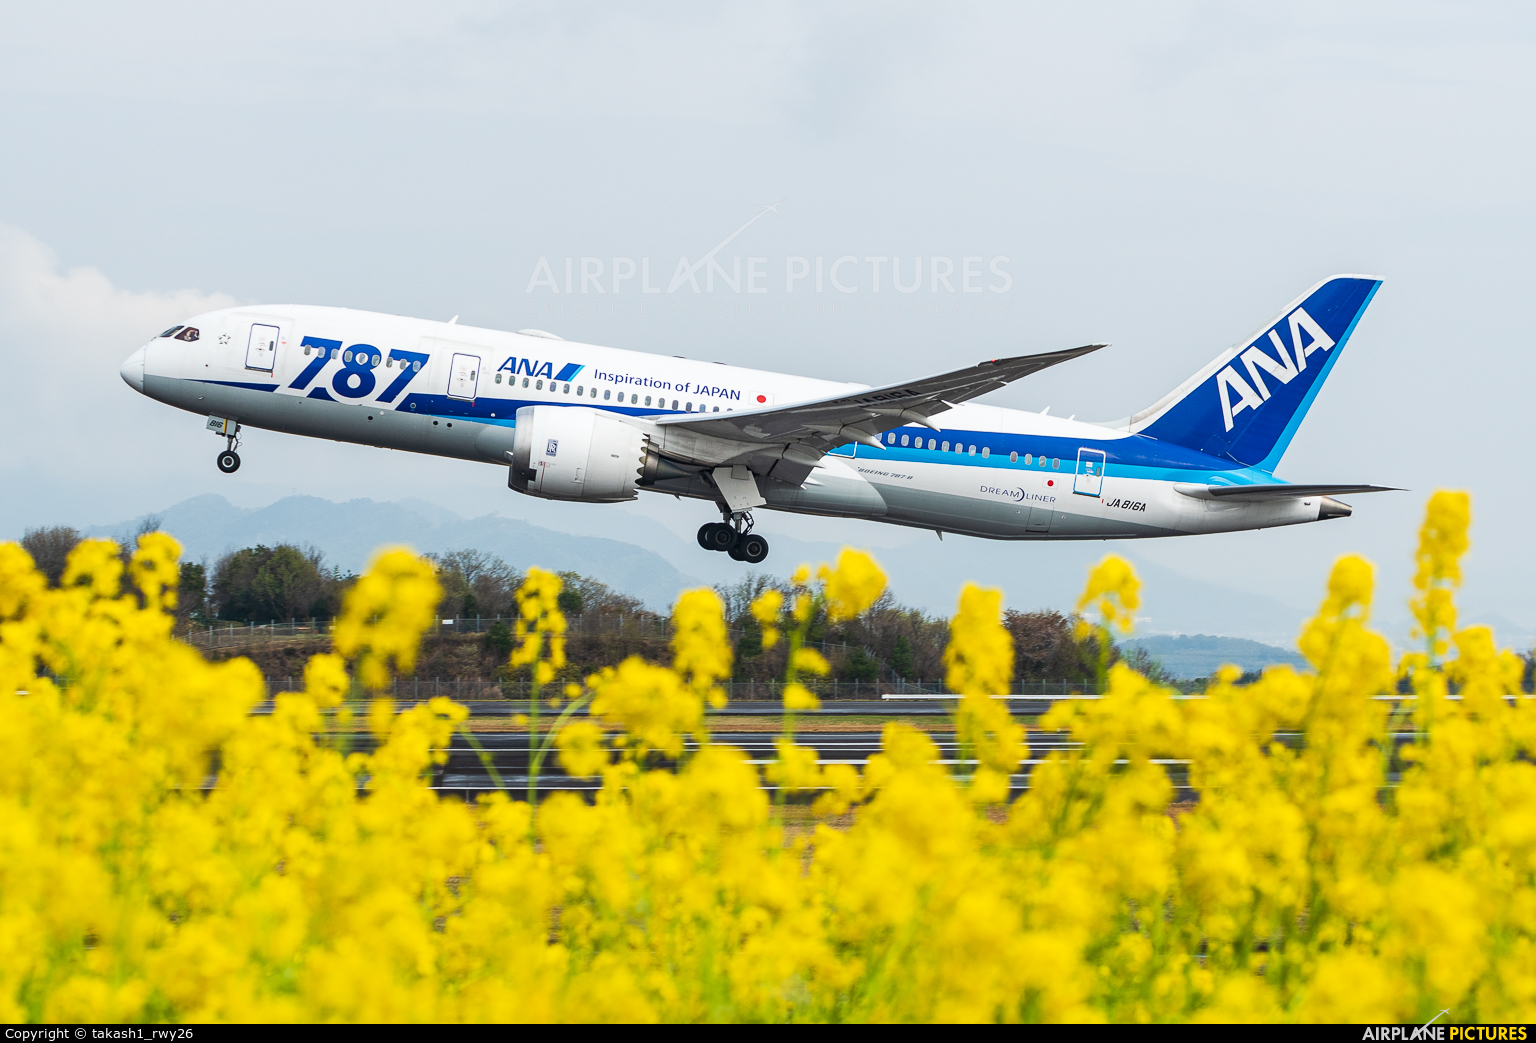 ANA - All Nippon Airways JA816A aircraft at Takamatsu